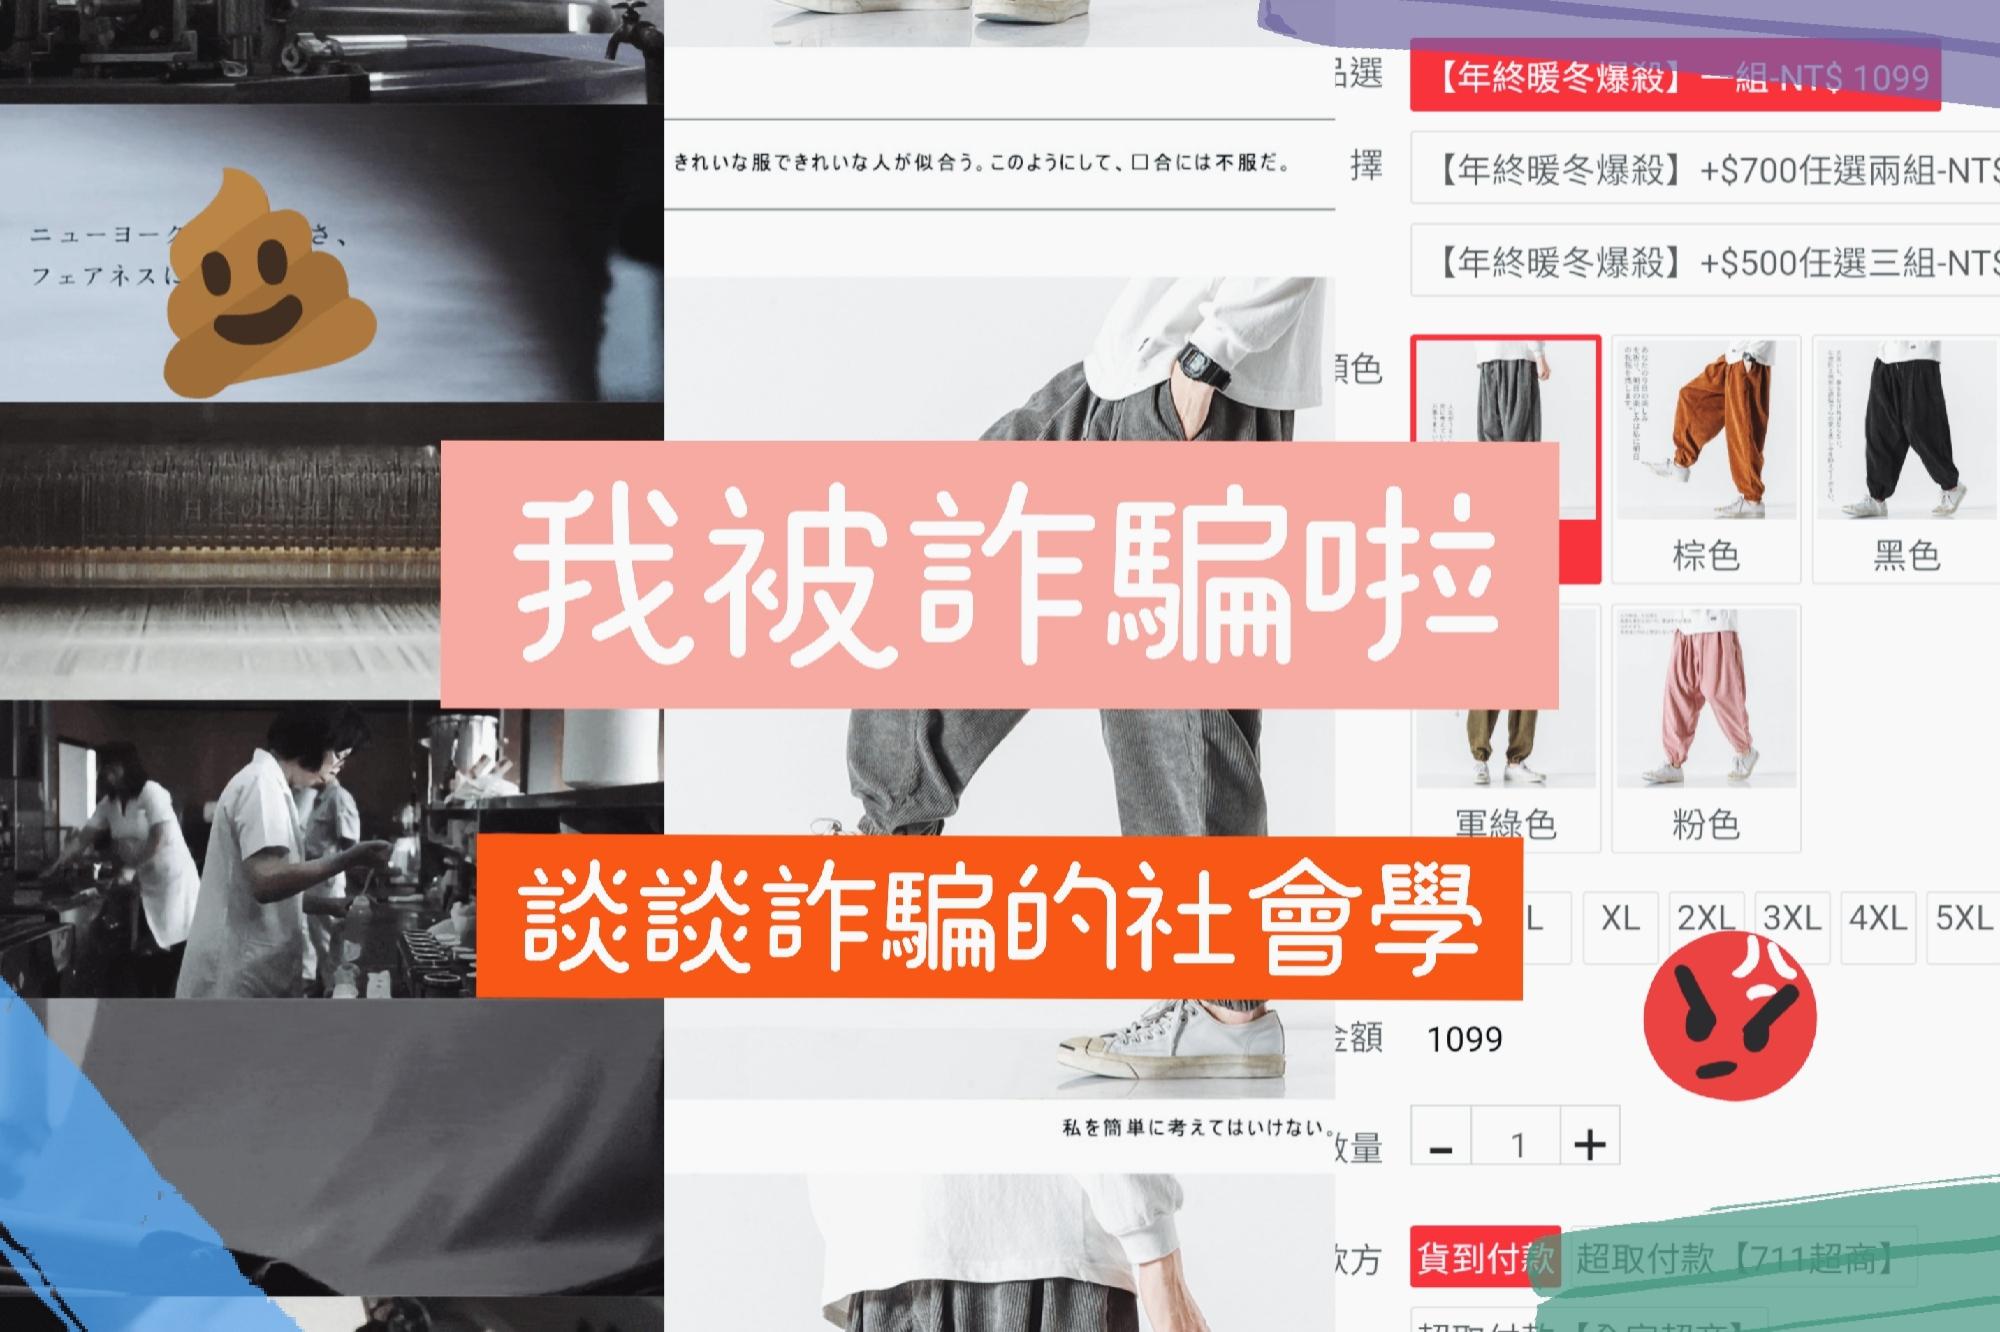 ep.40 我被一頁式廣告詐騙了!  #詐騙的社會學   過年購物要小心 // 李長潔 😂